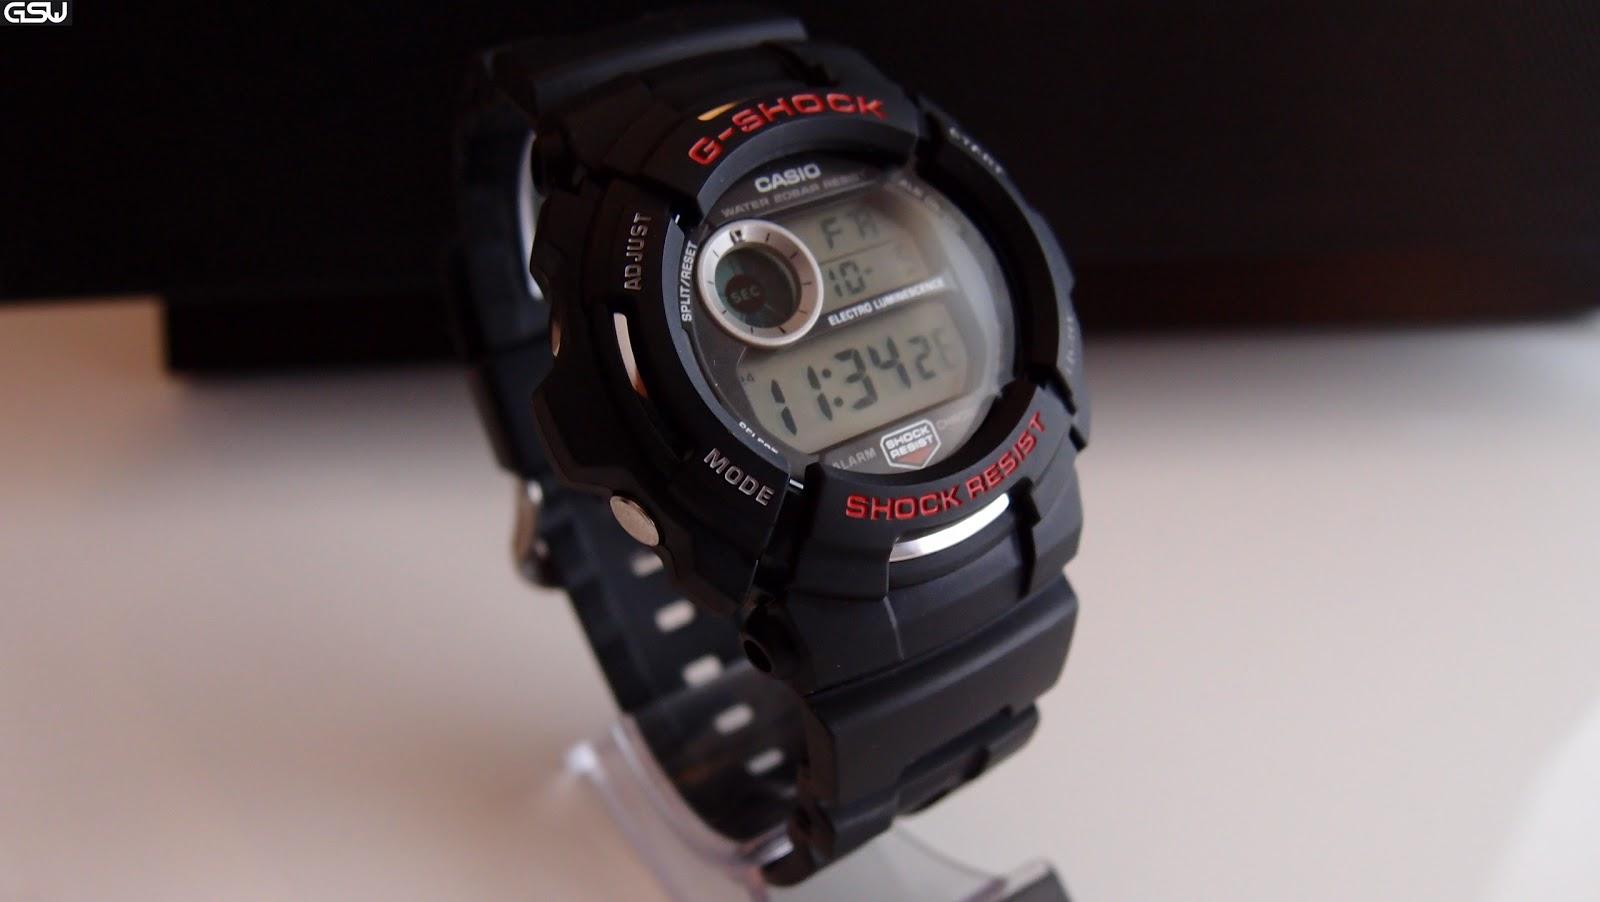 6d41500c957 ADAN G-SHOCK BLOG  G-SHOCK G-2000 EL DW-5000 REMASTERIZADO